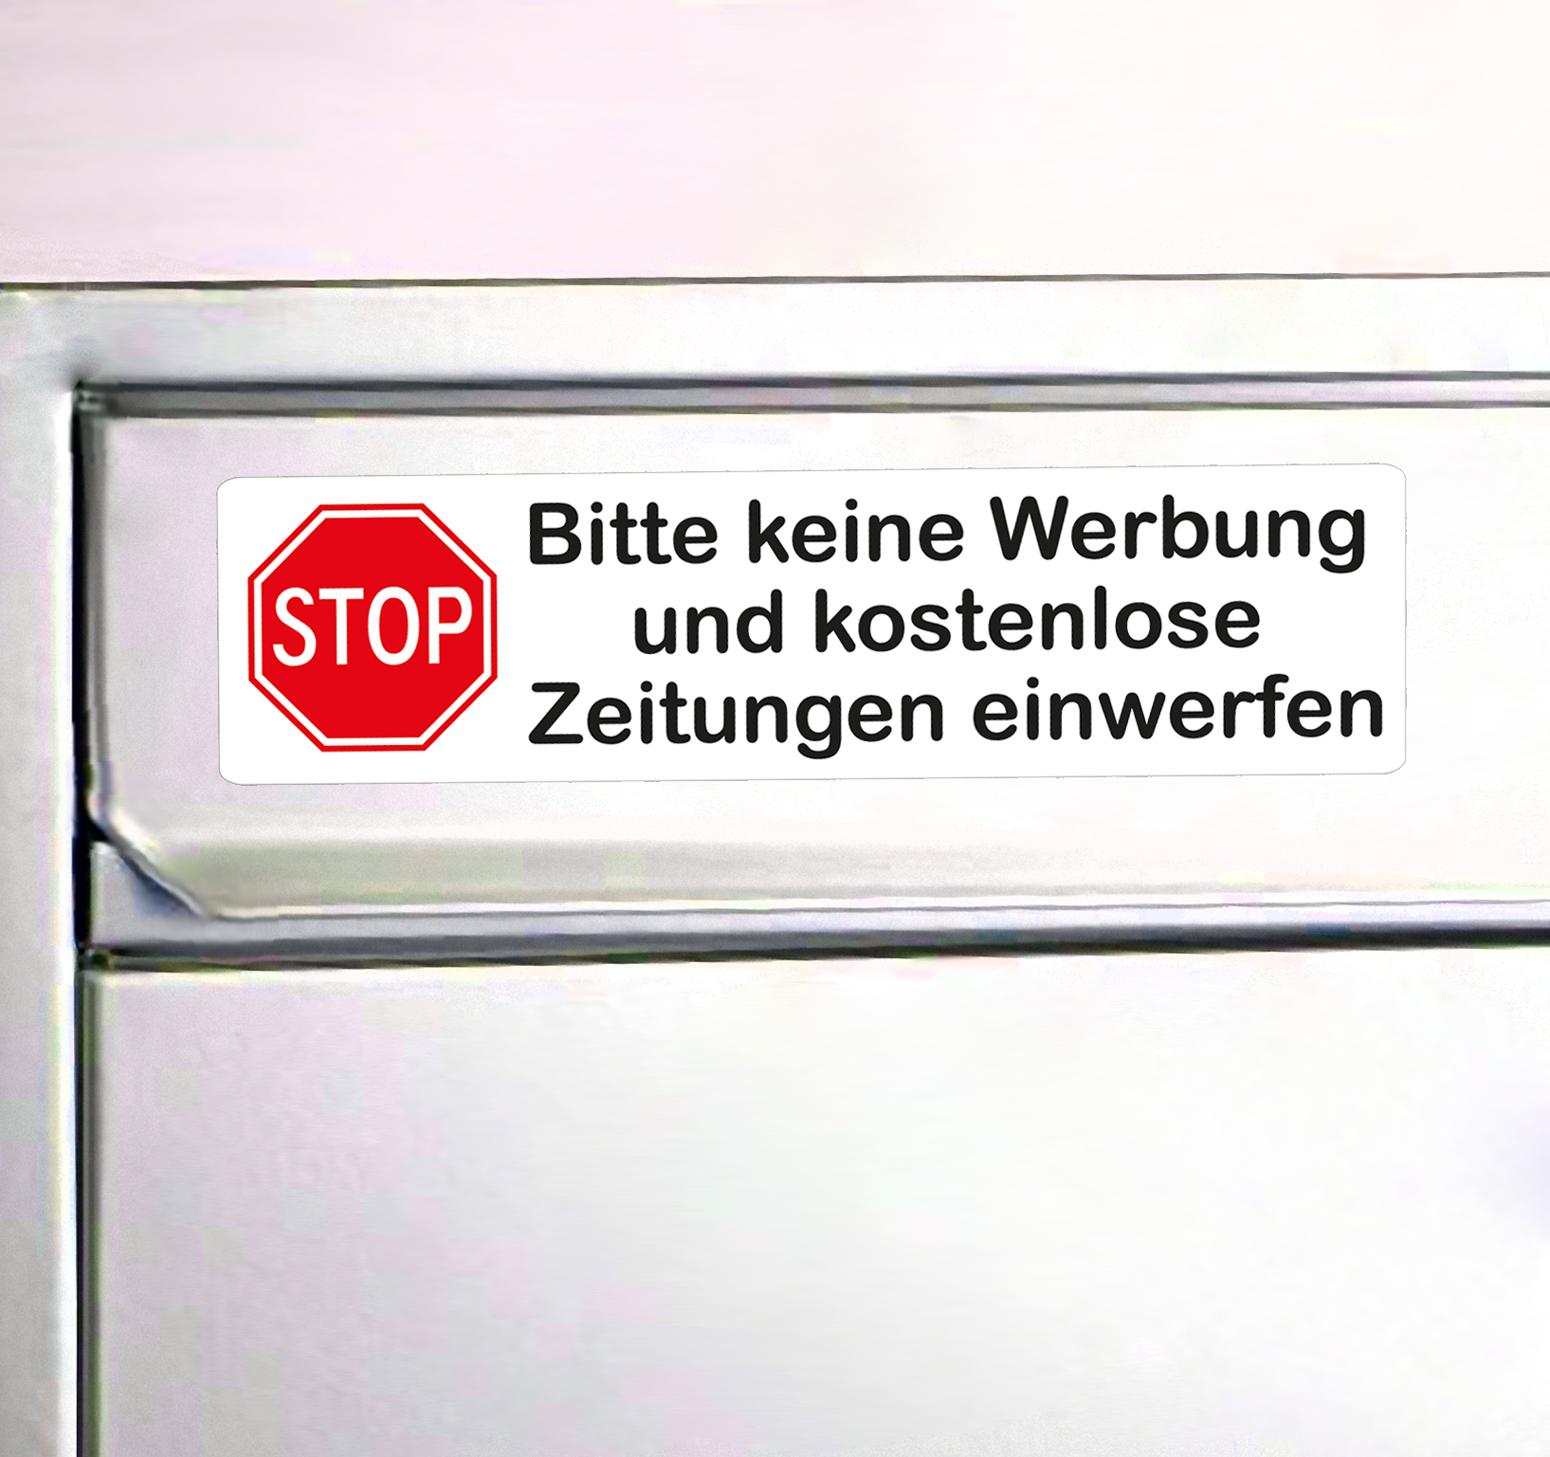 Aufkleber Keine Werbung Mit Stop Schild In Rot Briefkasten